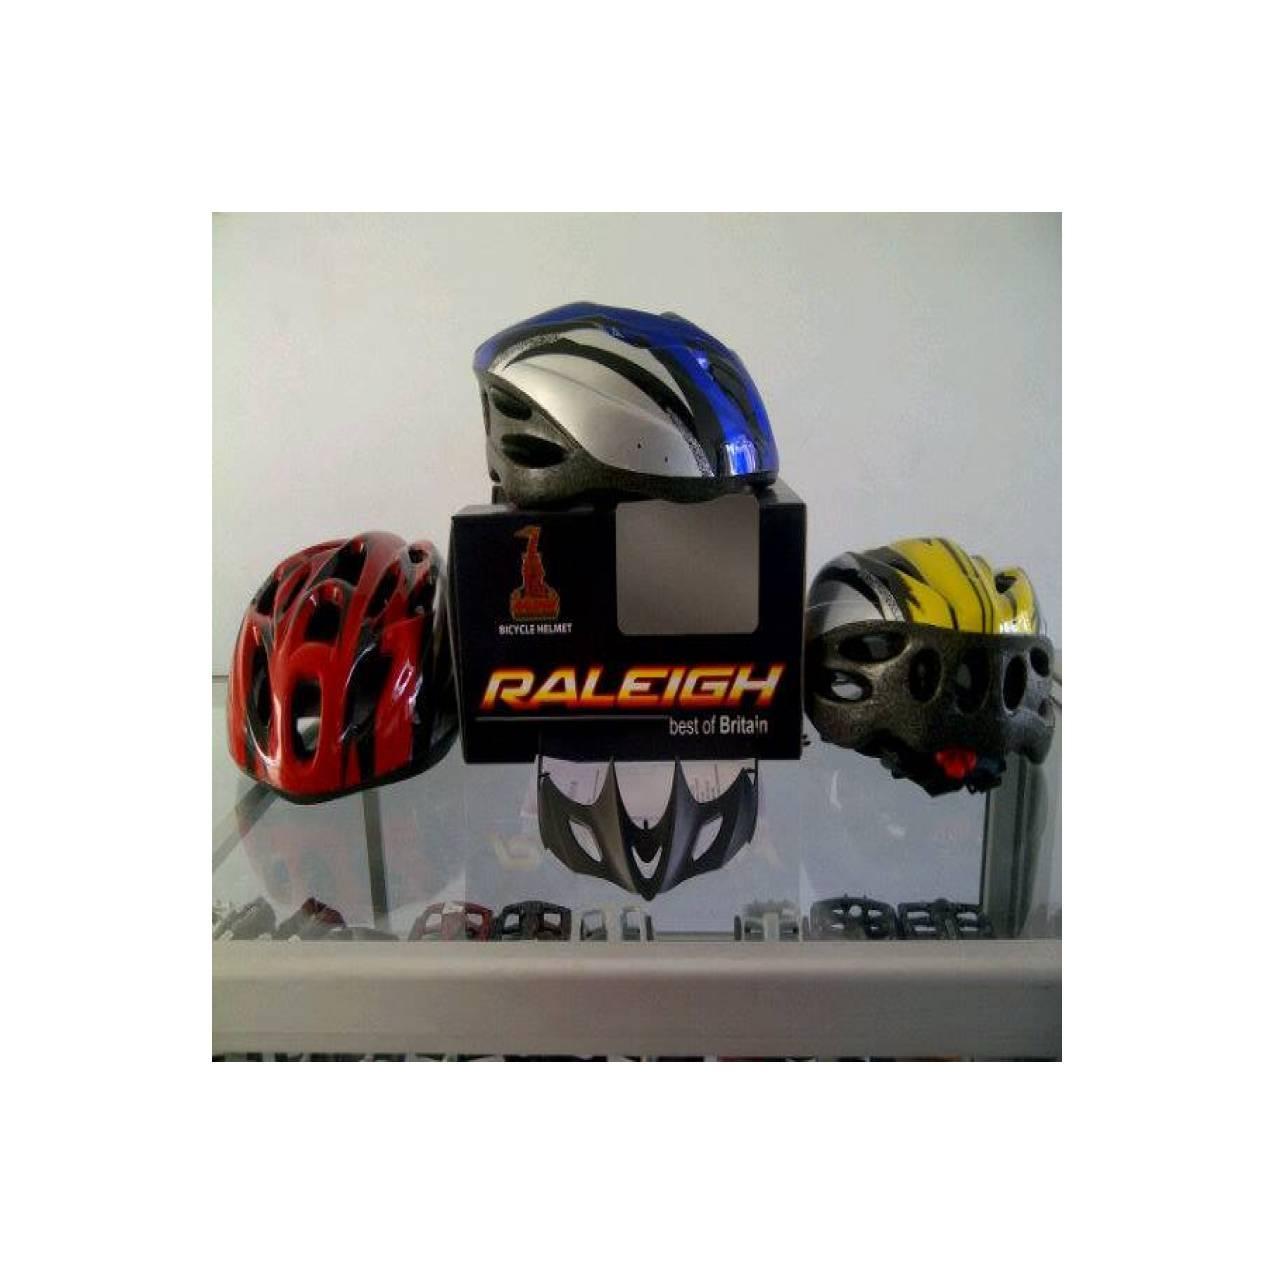 Mexel Sv 27 Helm Sepeda Helmet Bike Matt Black Doff Daftar Harga Mxl Sv27 Allsize 56 62cm Bobot 300grams Mtb Raleigh Bicycle